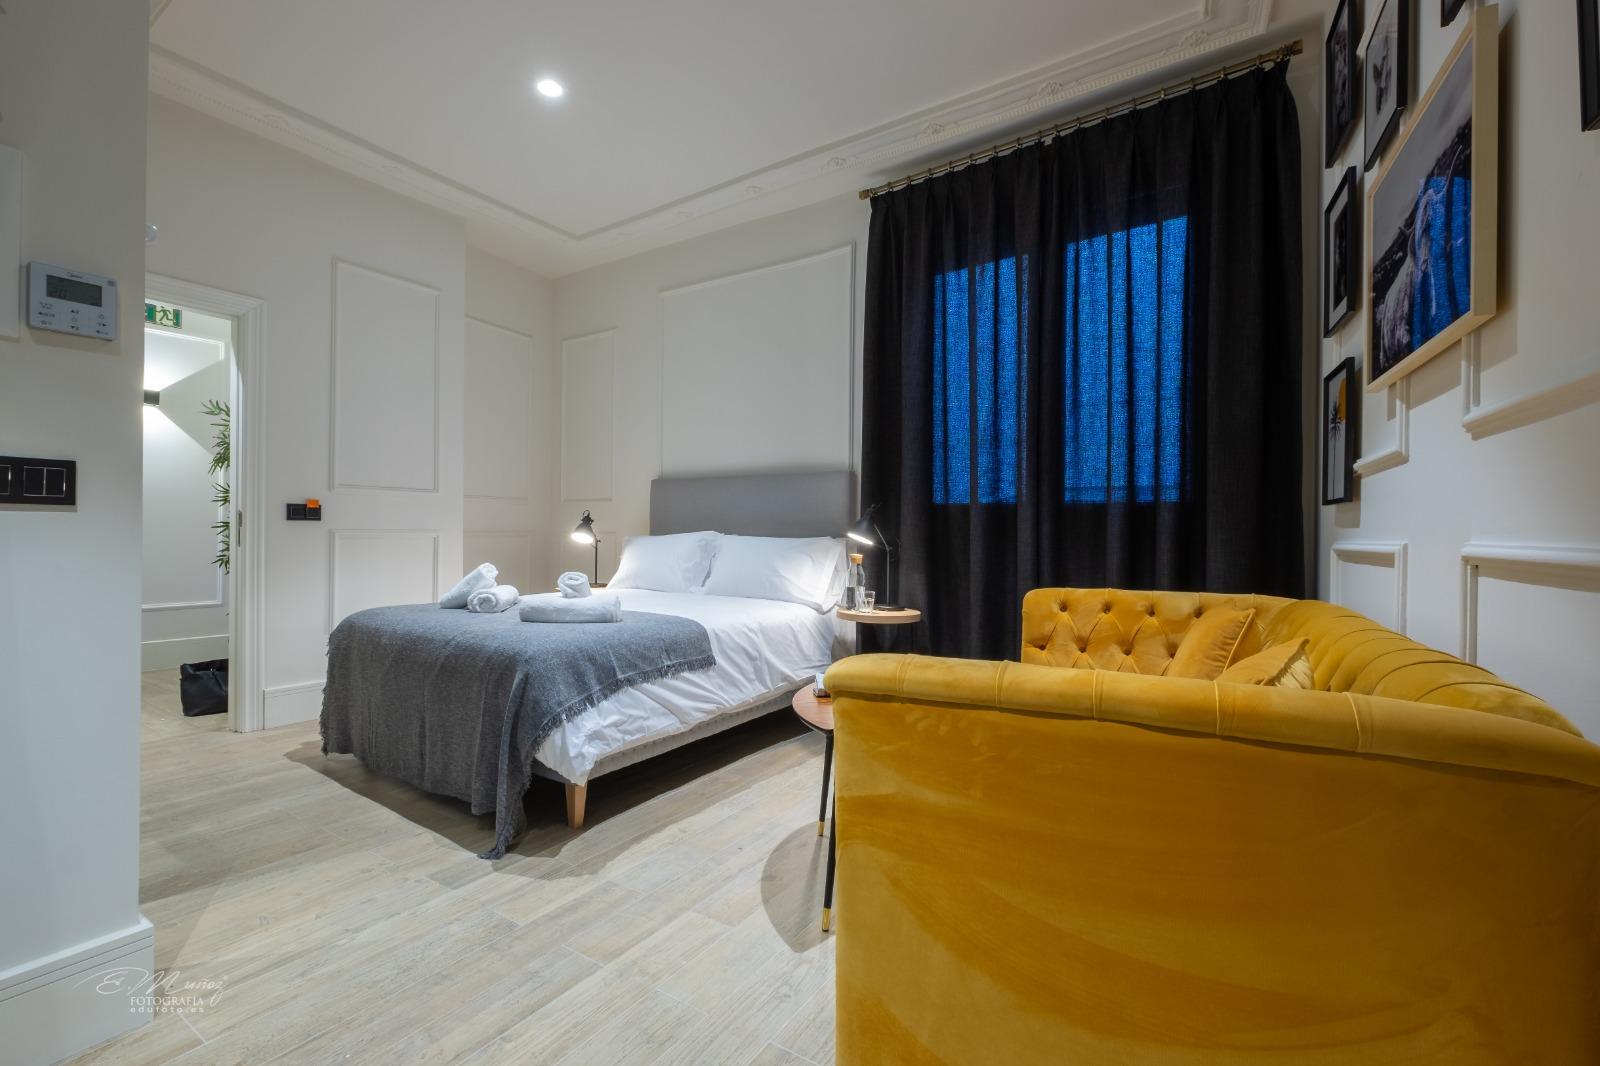 Barbarossa. Apartamento turístico en Mérida para dormir en el centro de la ciudad, cerca de todos los monumentos